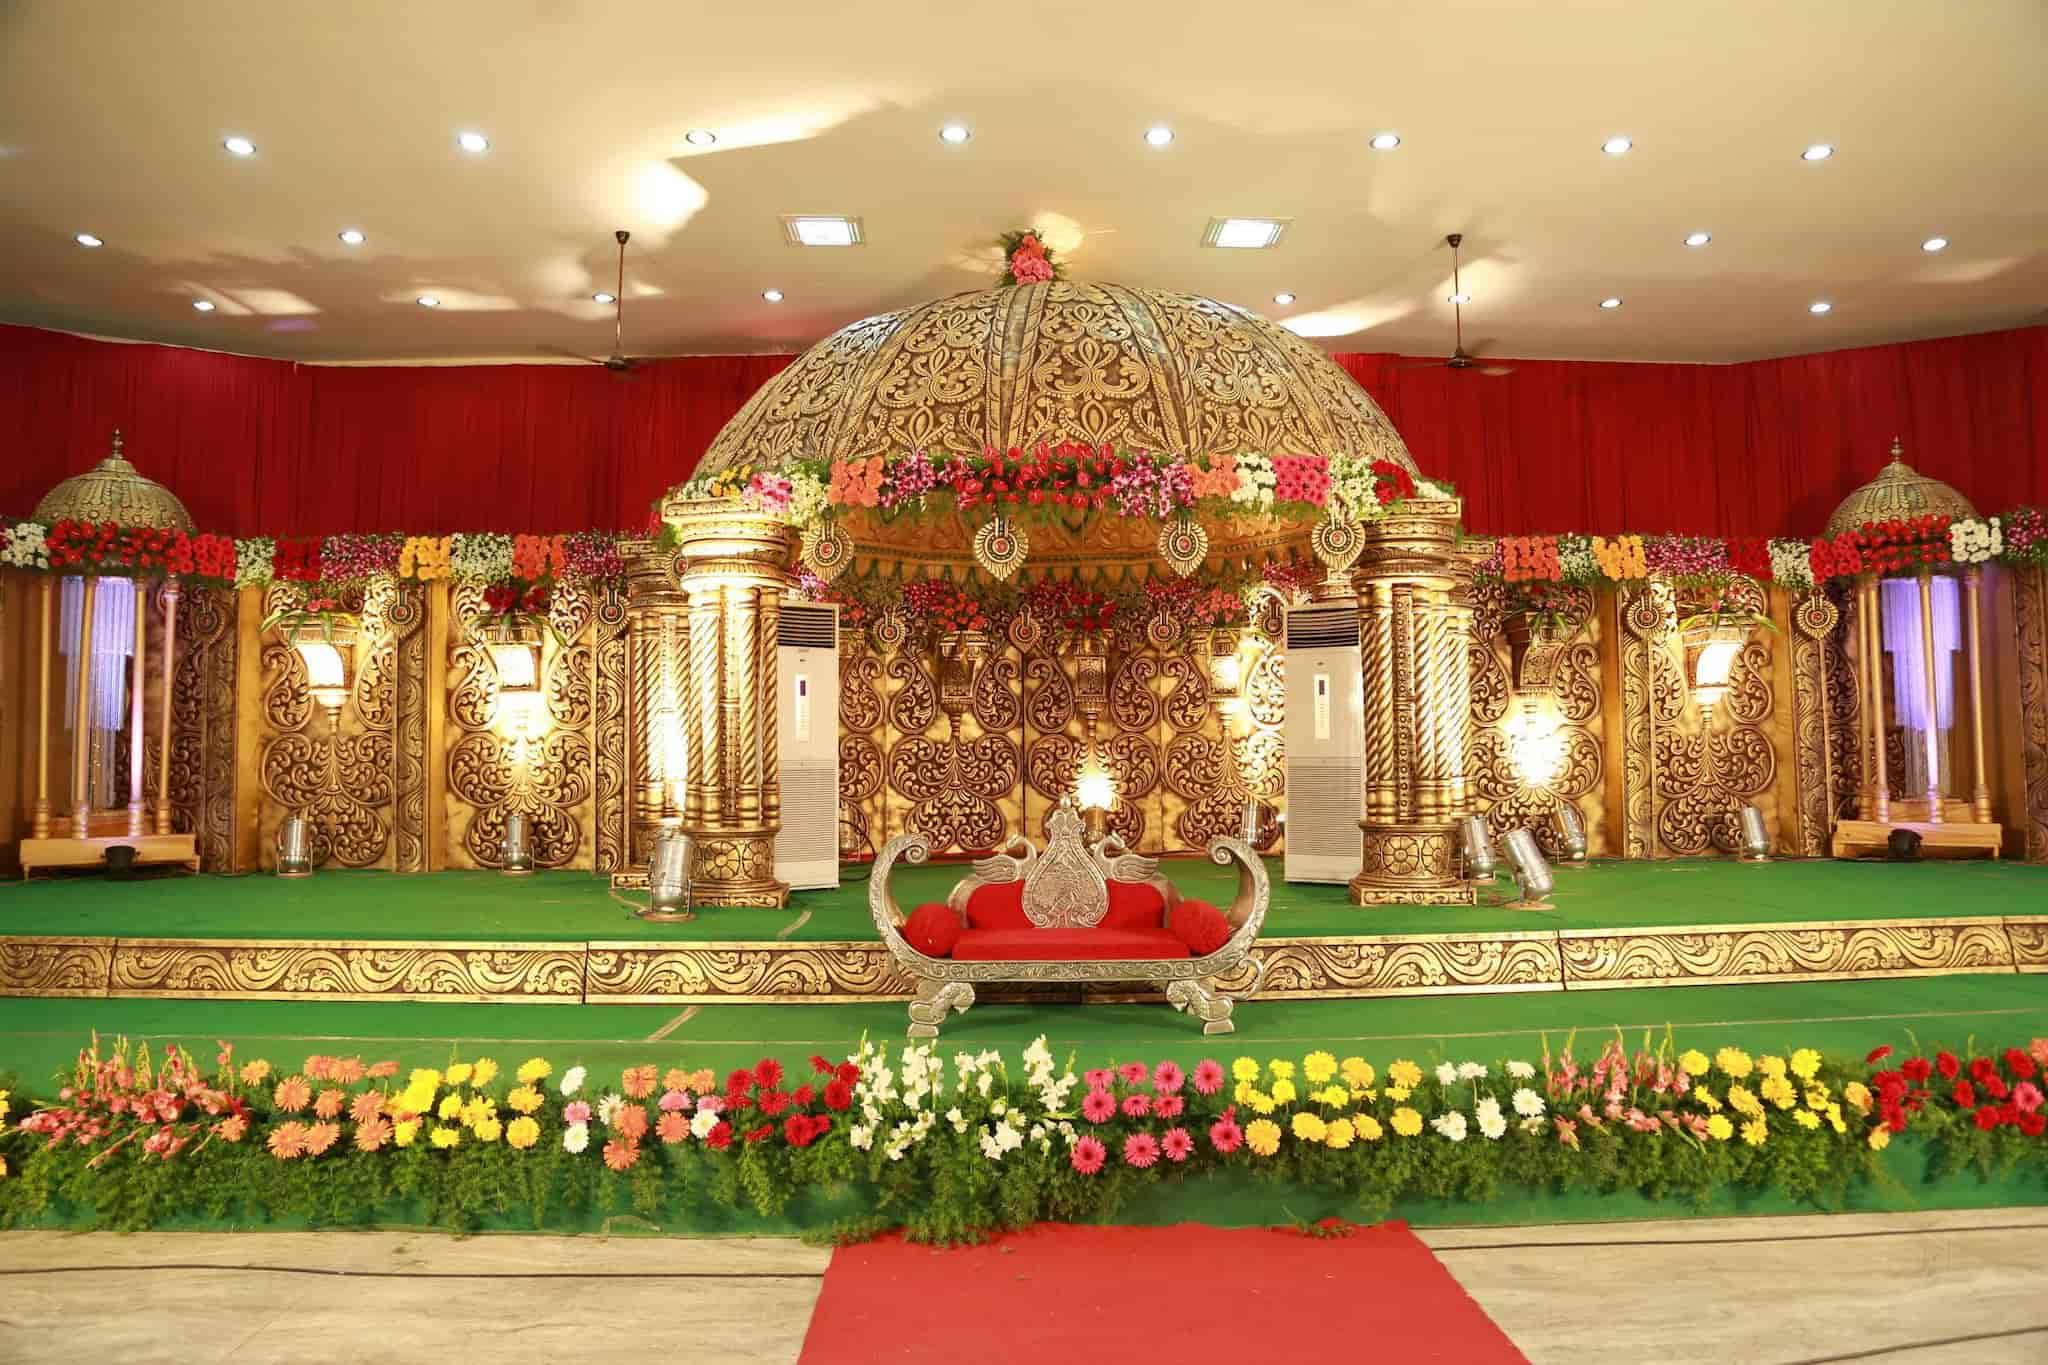 Wedding Stage Decoration Suki Hi Gienic Decorators A To Z Photos Railway Colony